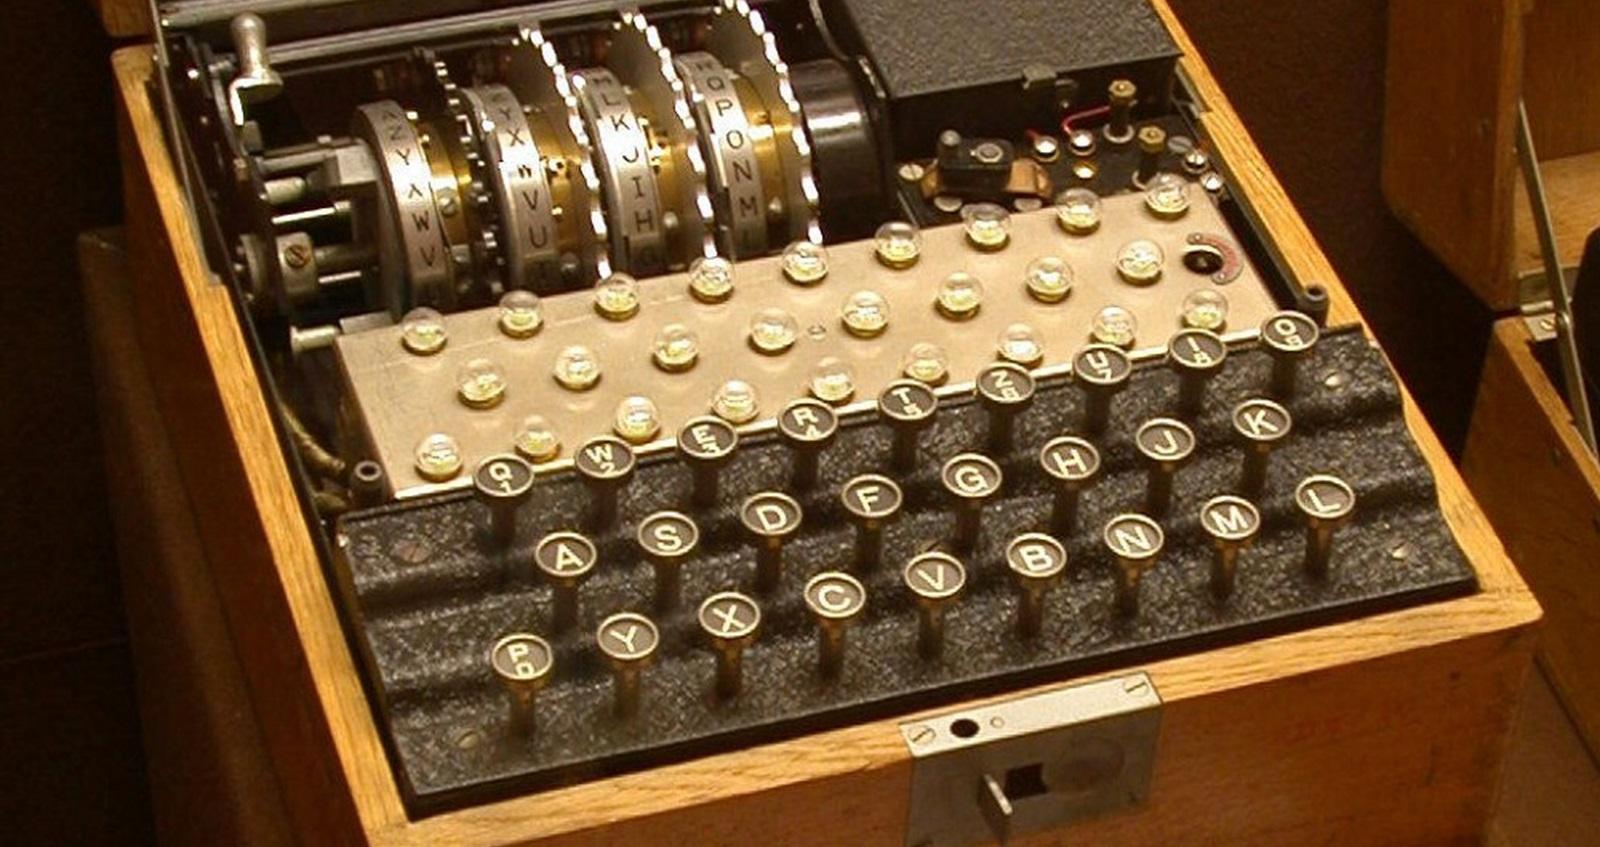 Enigma enciphering machine